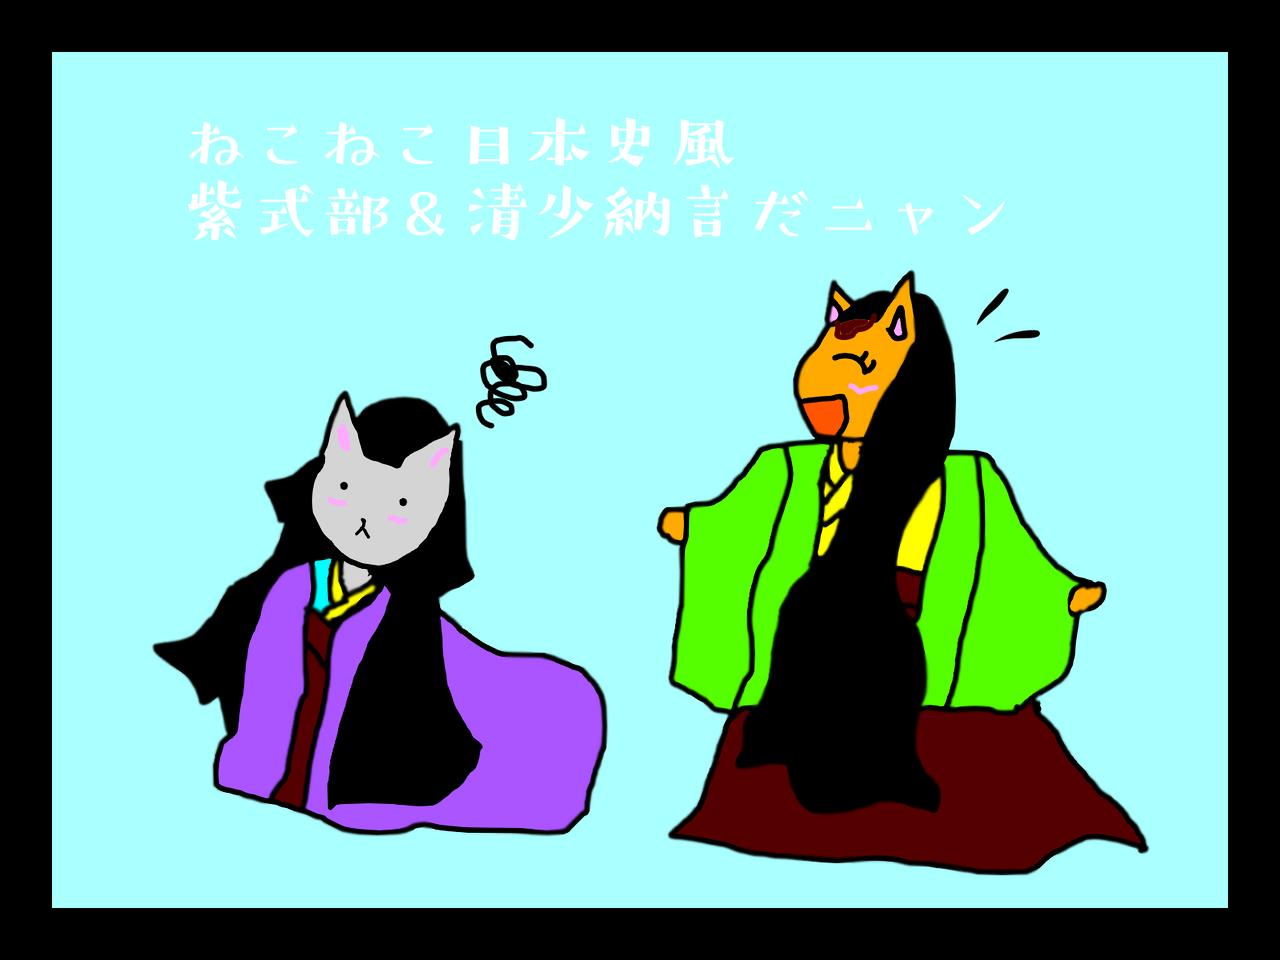 清少納言 現代 日本人